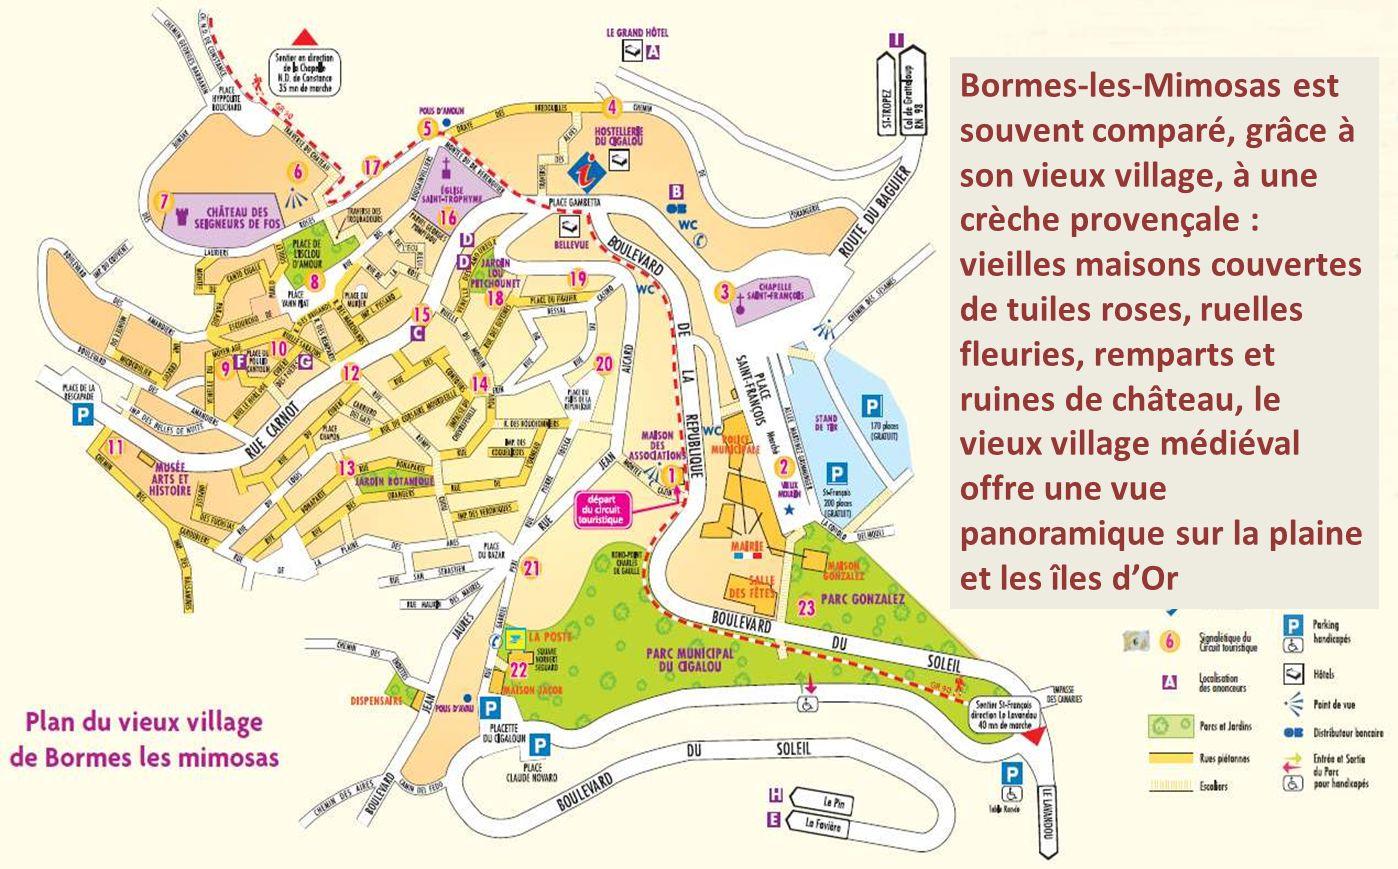 Bormes-les-Mimosas est souvent comparé, grâce à son vieux village, à une crèche provençale : vieilles maisons couvertes de tuiles roses, ruelles fleuries, remparts et ruines de château, le vieux village médiéval offre une vue panoramique sur la plaine et les îles d'Or